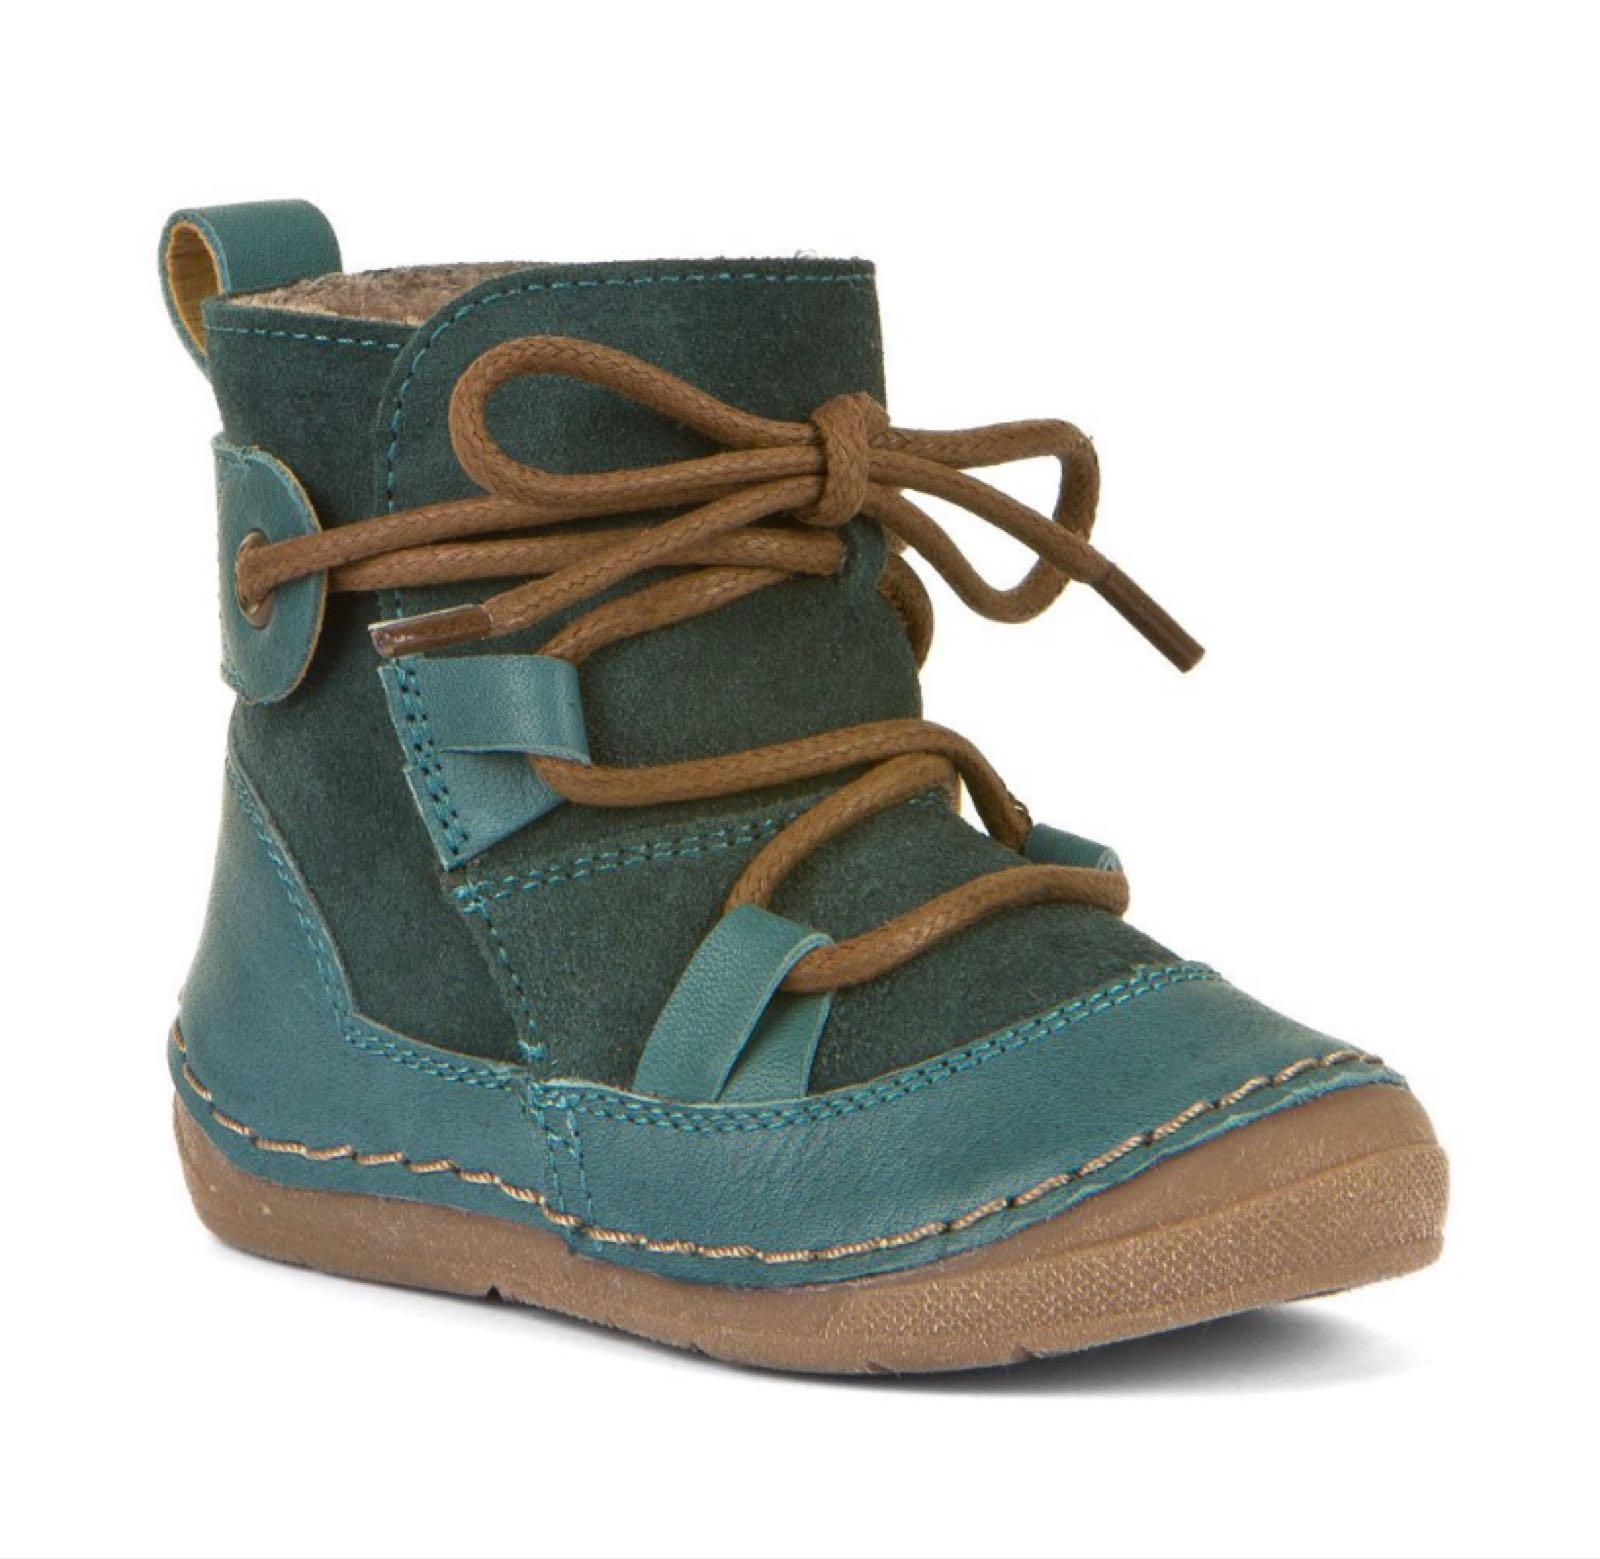 FRODDO Winter Boots Petroleum G2160067-3